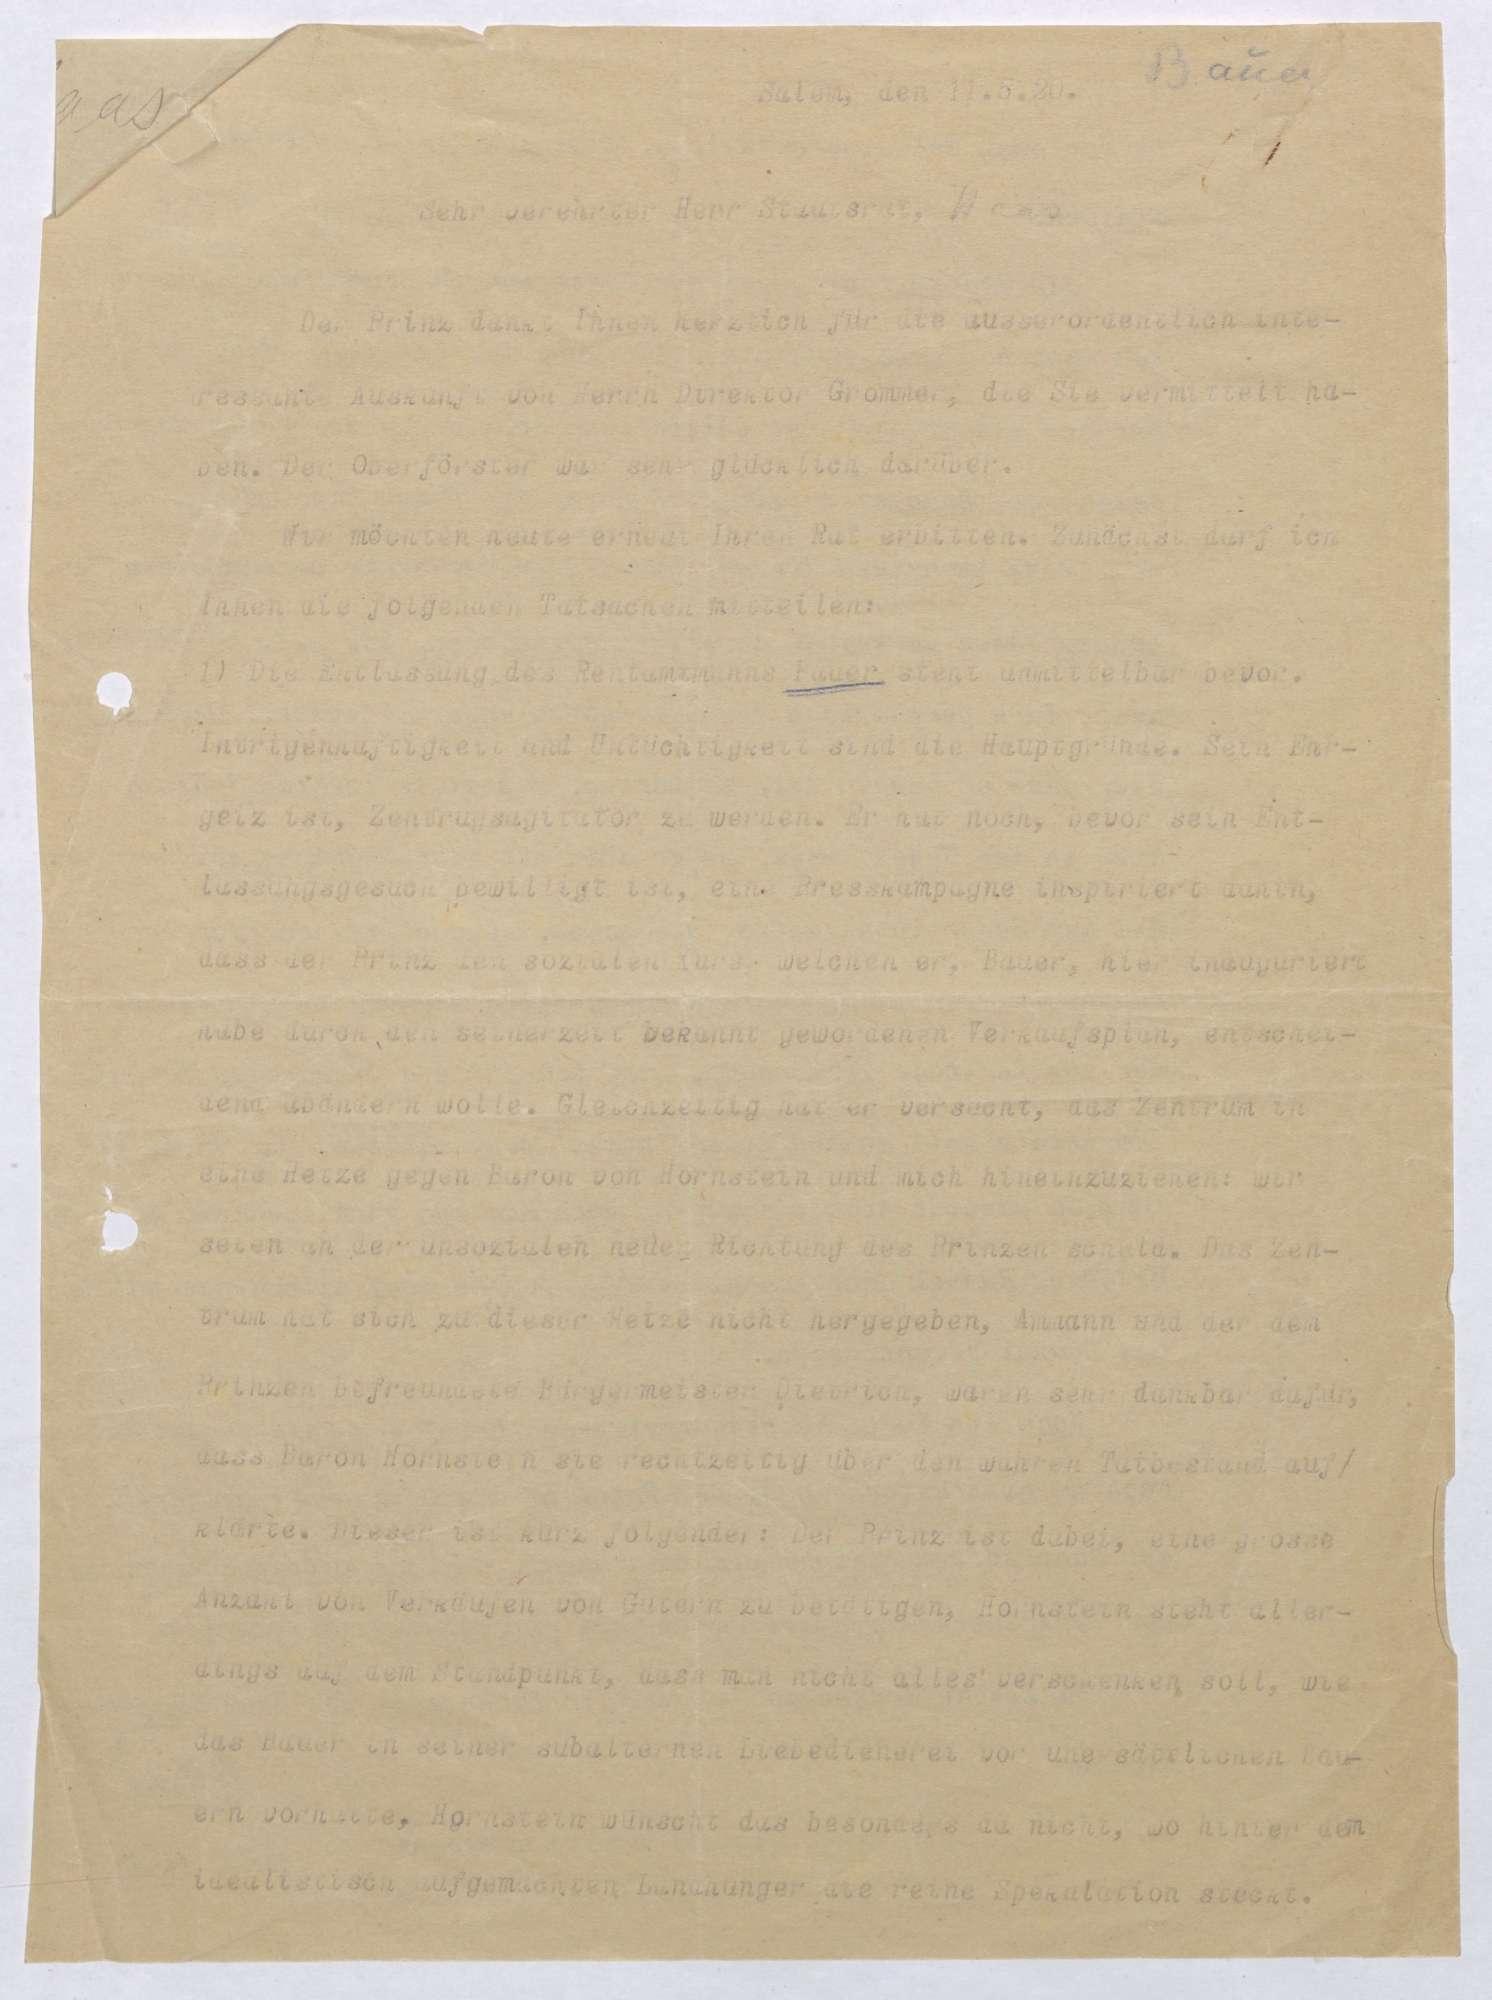 Schreiben von Kurt Hahn an Ludwig Haas; Entlassung des Salemer Rentamtmanns Bauer, Politik des Zentrums gegen Salem; zweifache Ausgabe, Bild 2